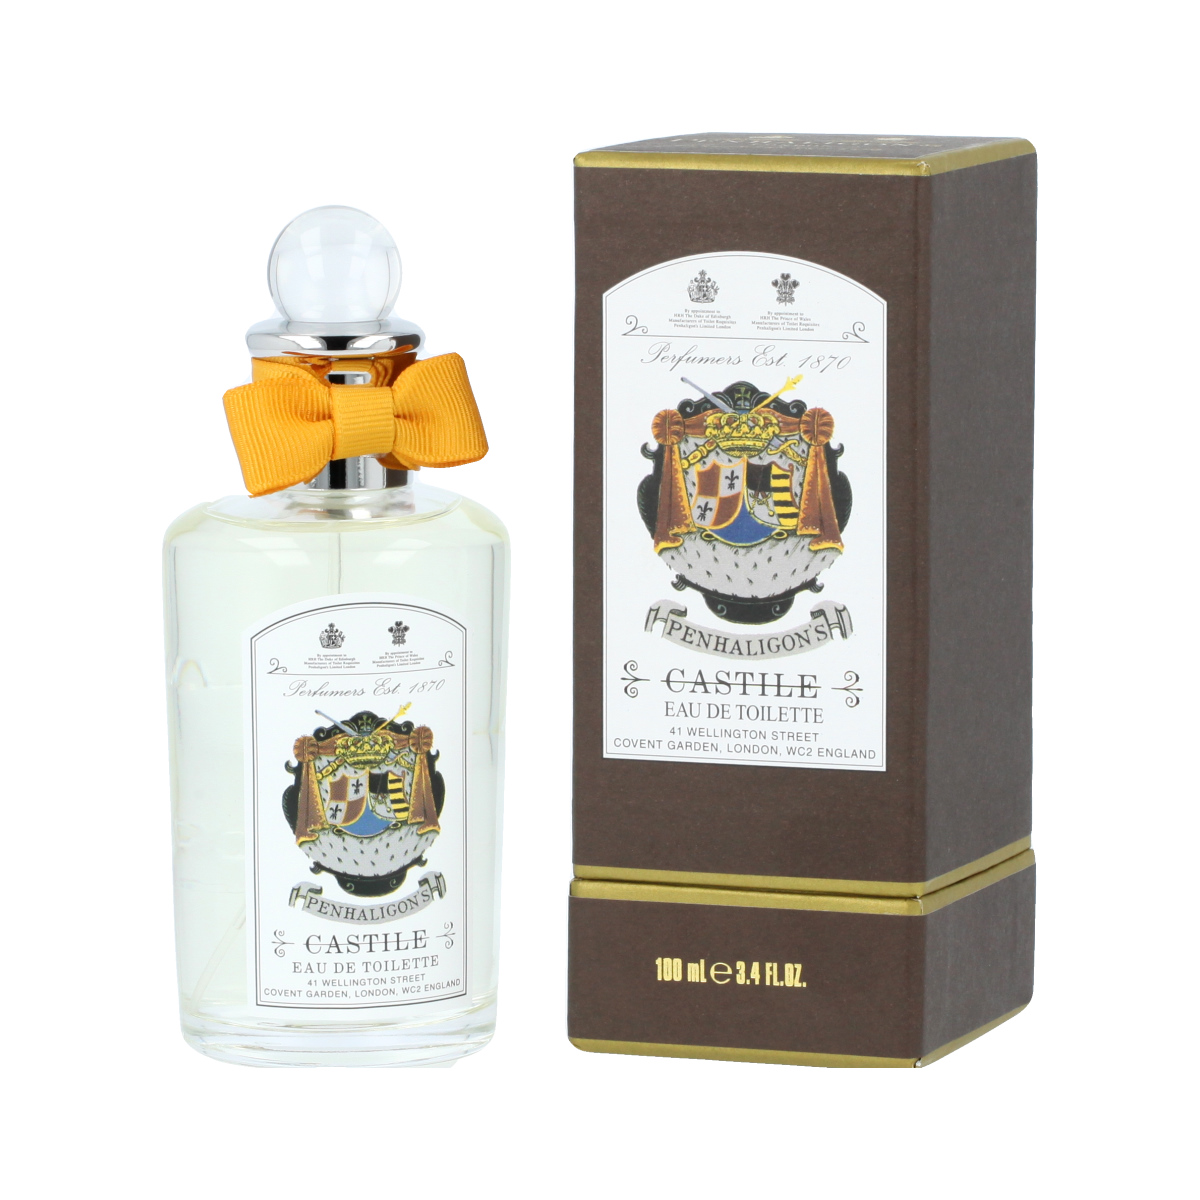 Penhaligon's Castile Eau De Toilette 100 ml (unisex) 82645